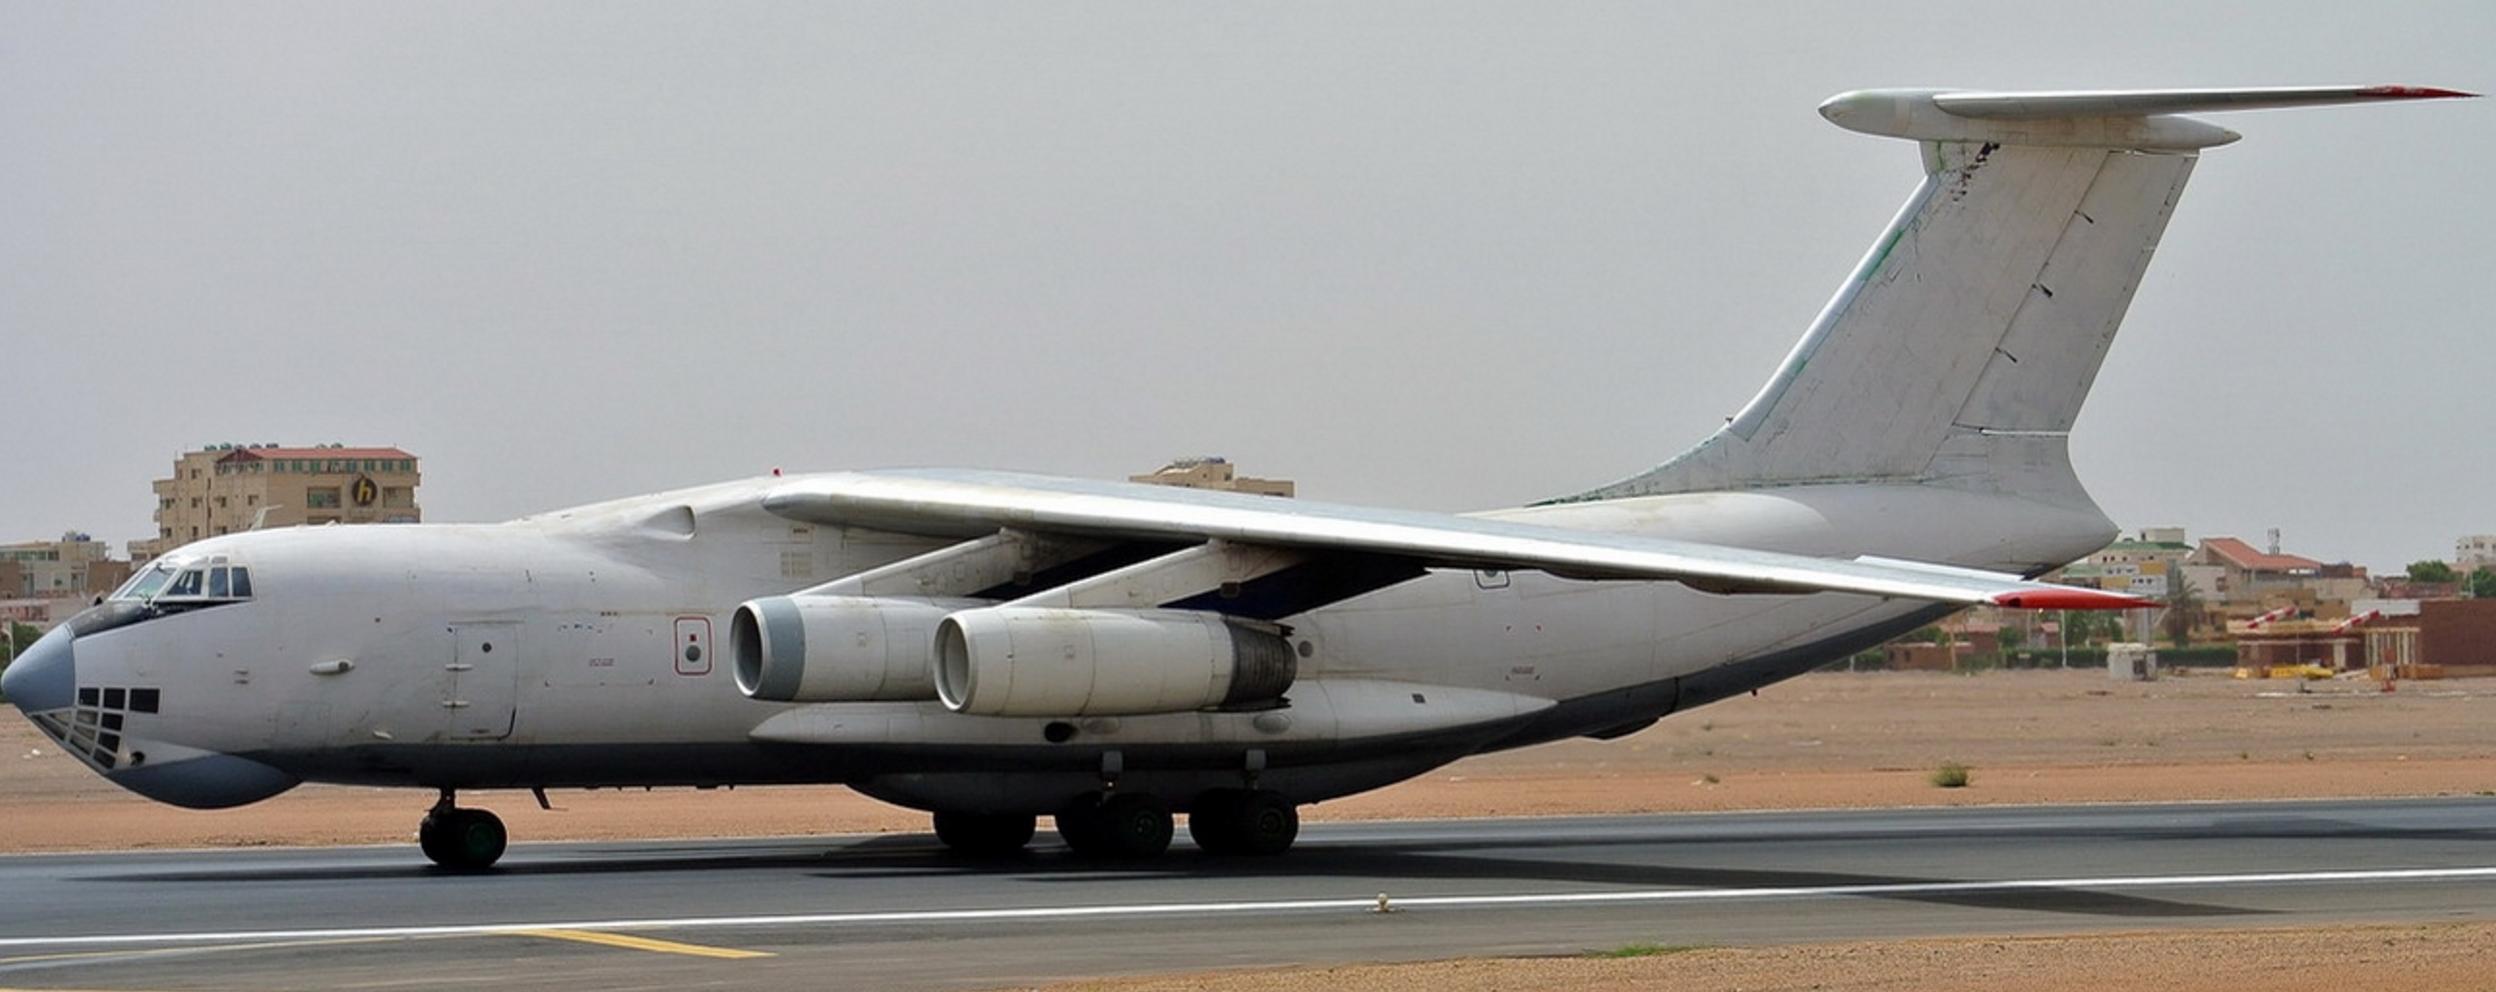 """Sudan """"will shoot down"""" aircraft"""